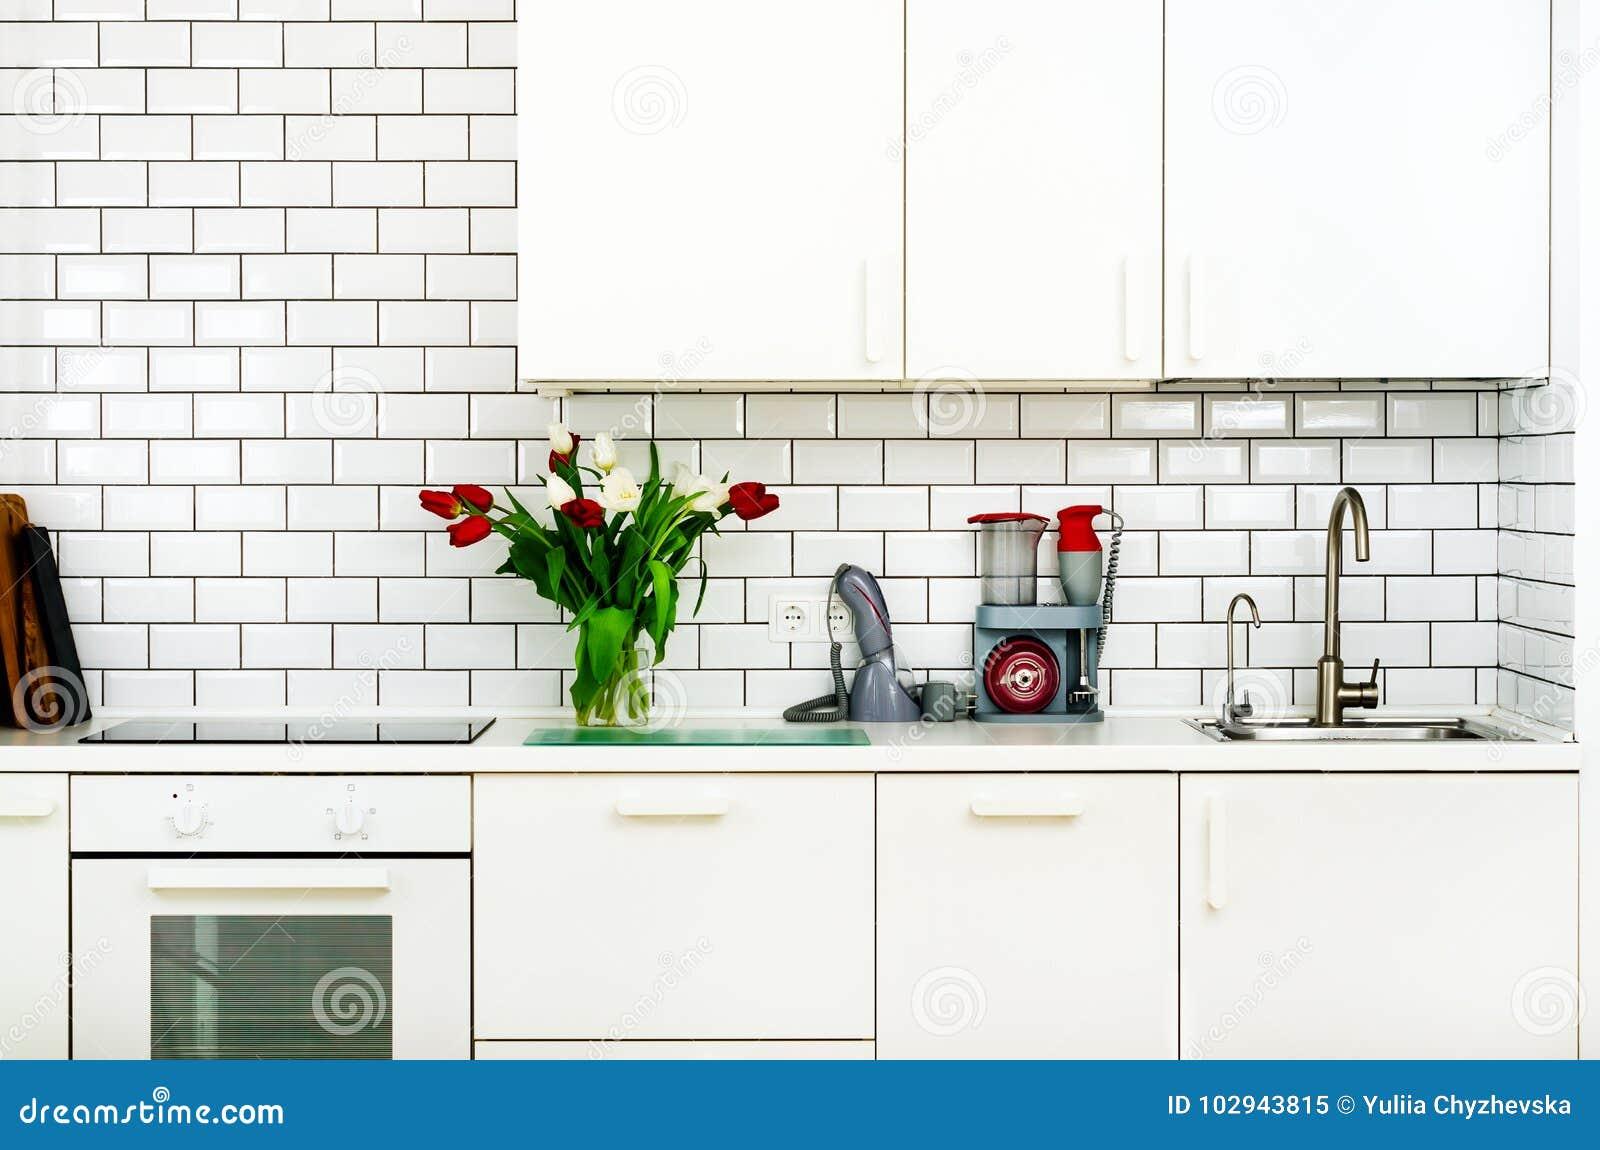 Frischer Blumenstrauß von roten und weißen Tulpen auf Küchentisch Detail des Hauptinnenraums, Design Minimalistic-Konzept Blumen